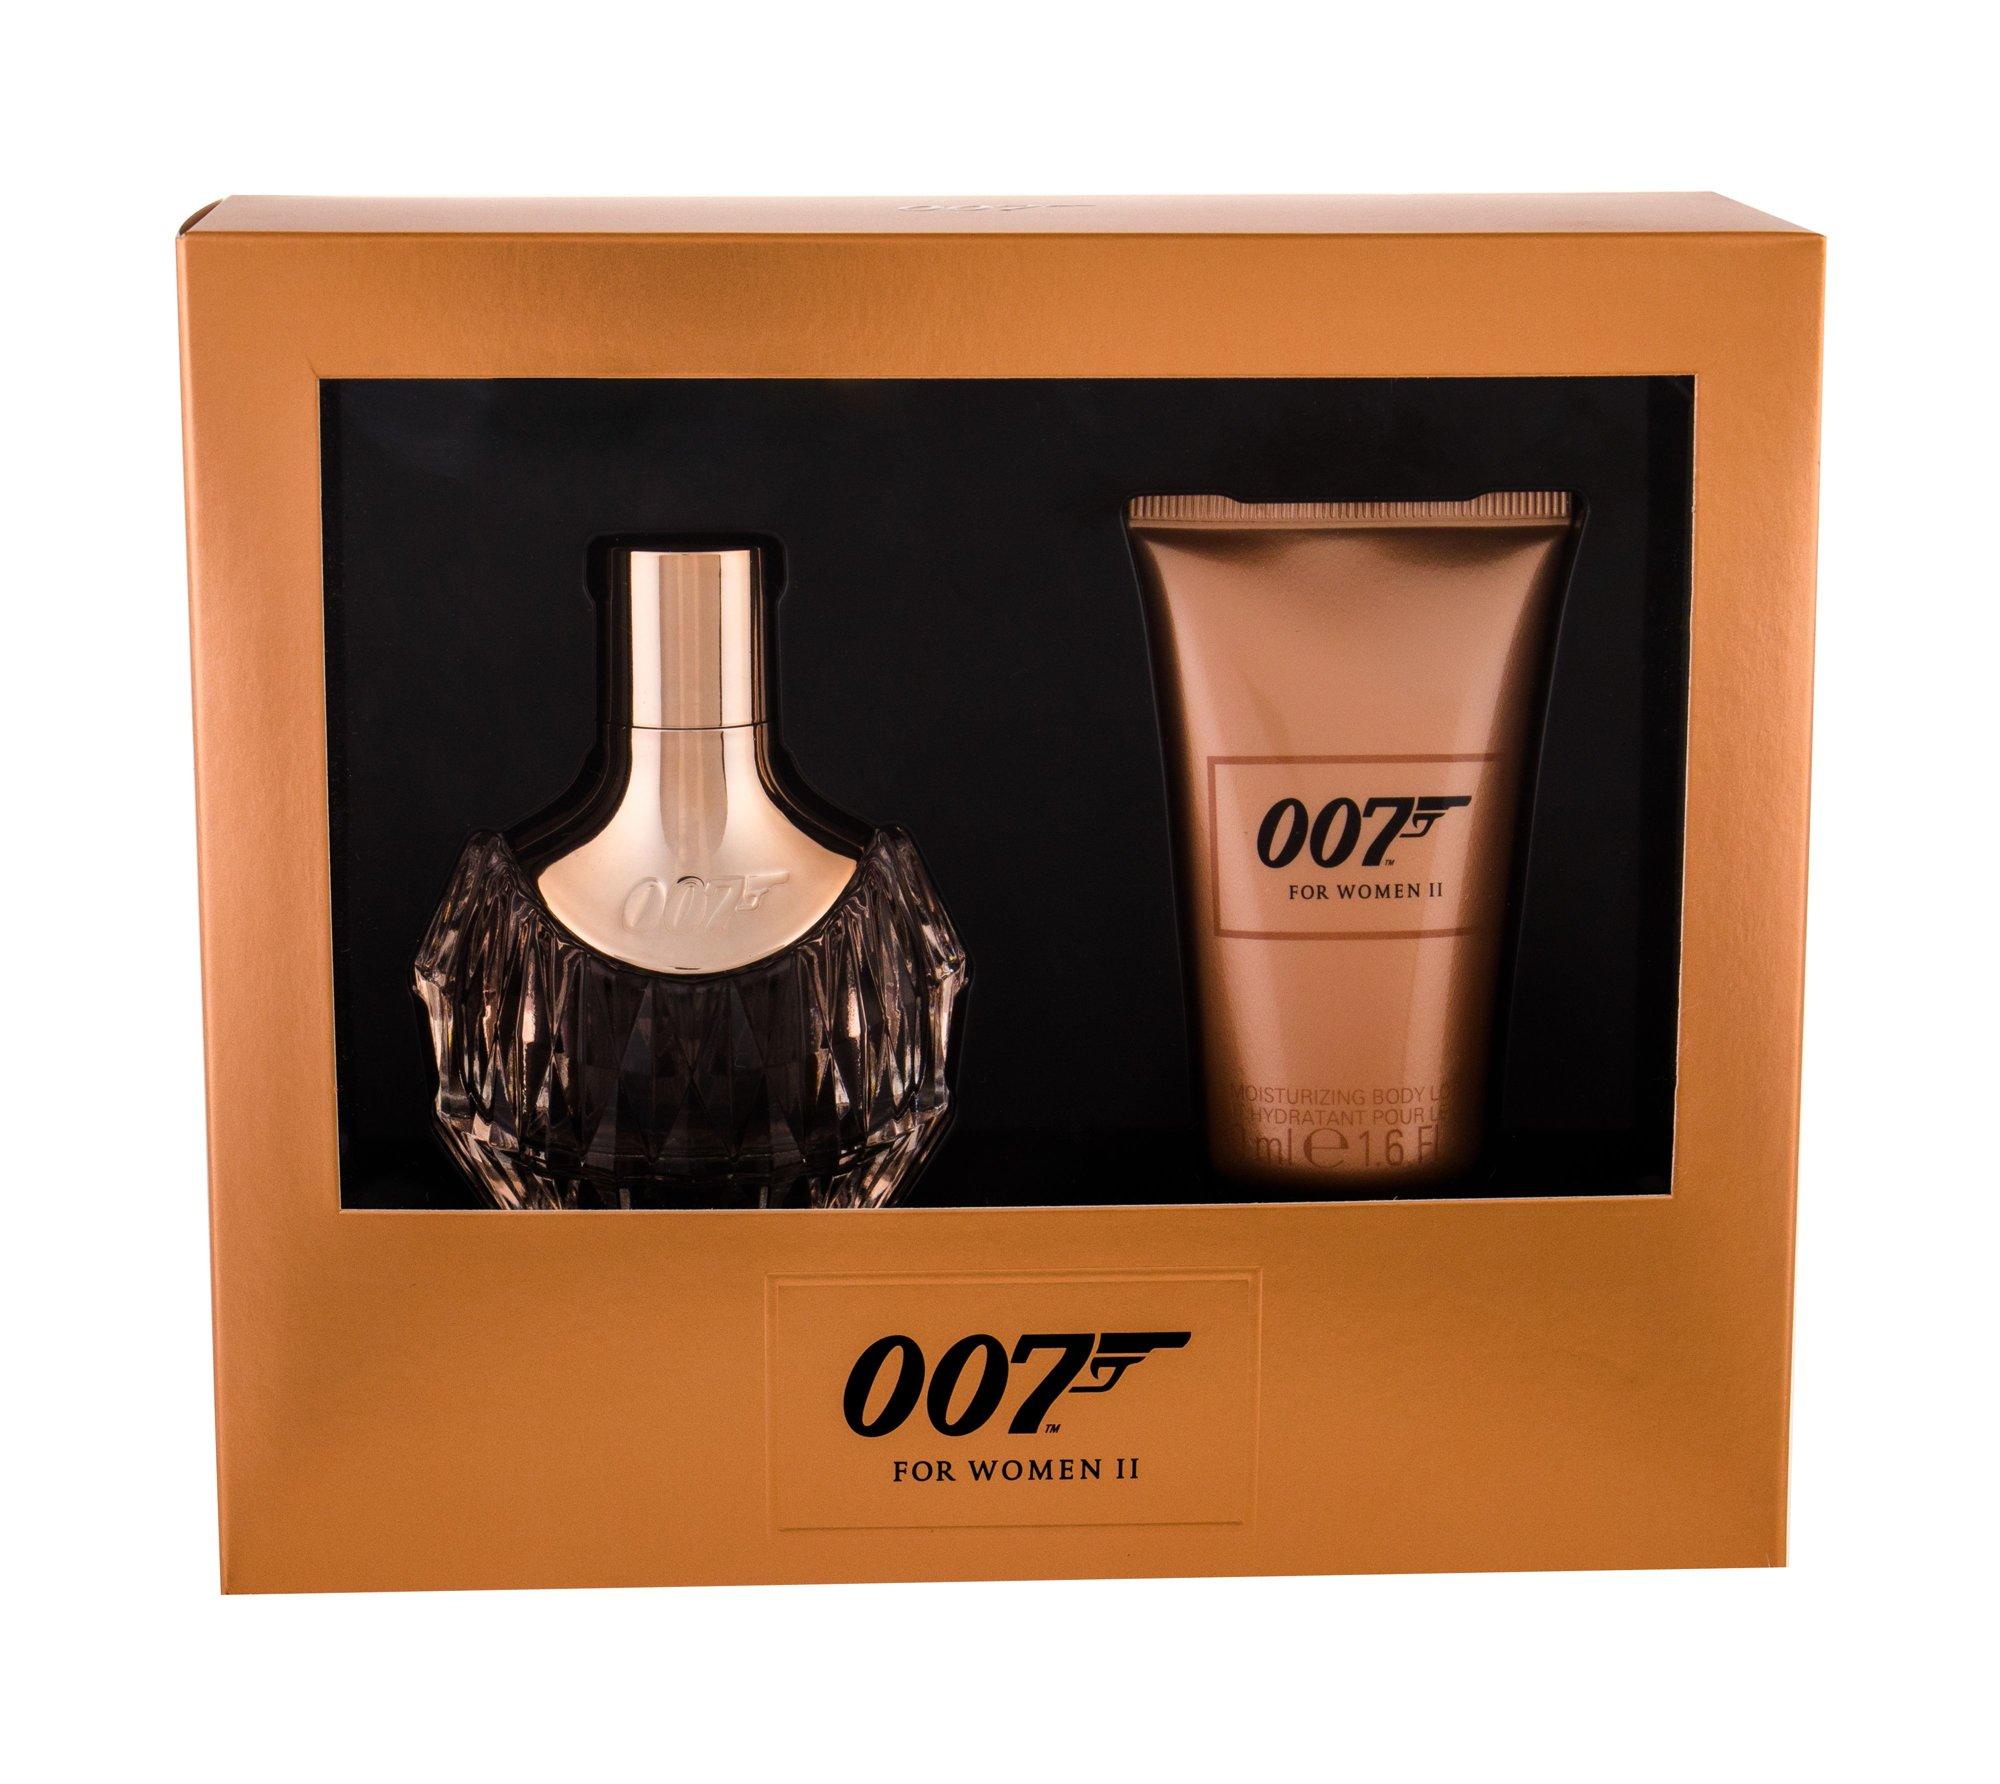 James Bond 007 James Bond 007 Eau de Parfum 30ml  For Women II